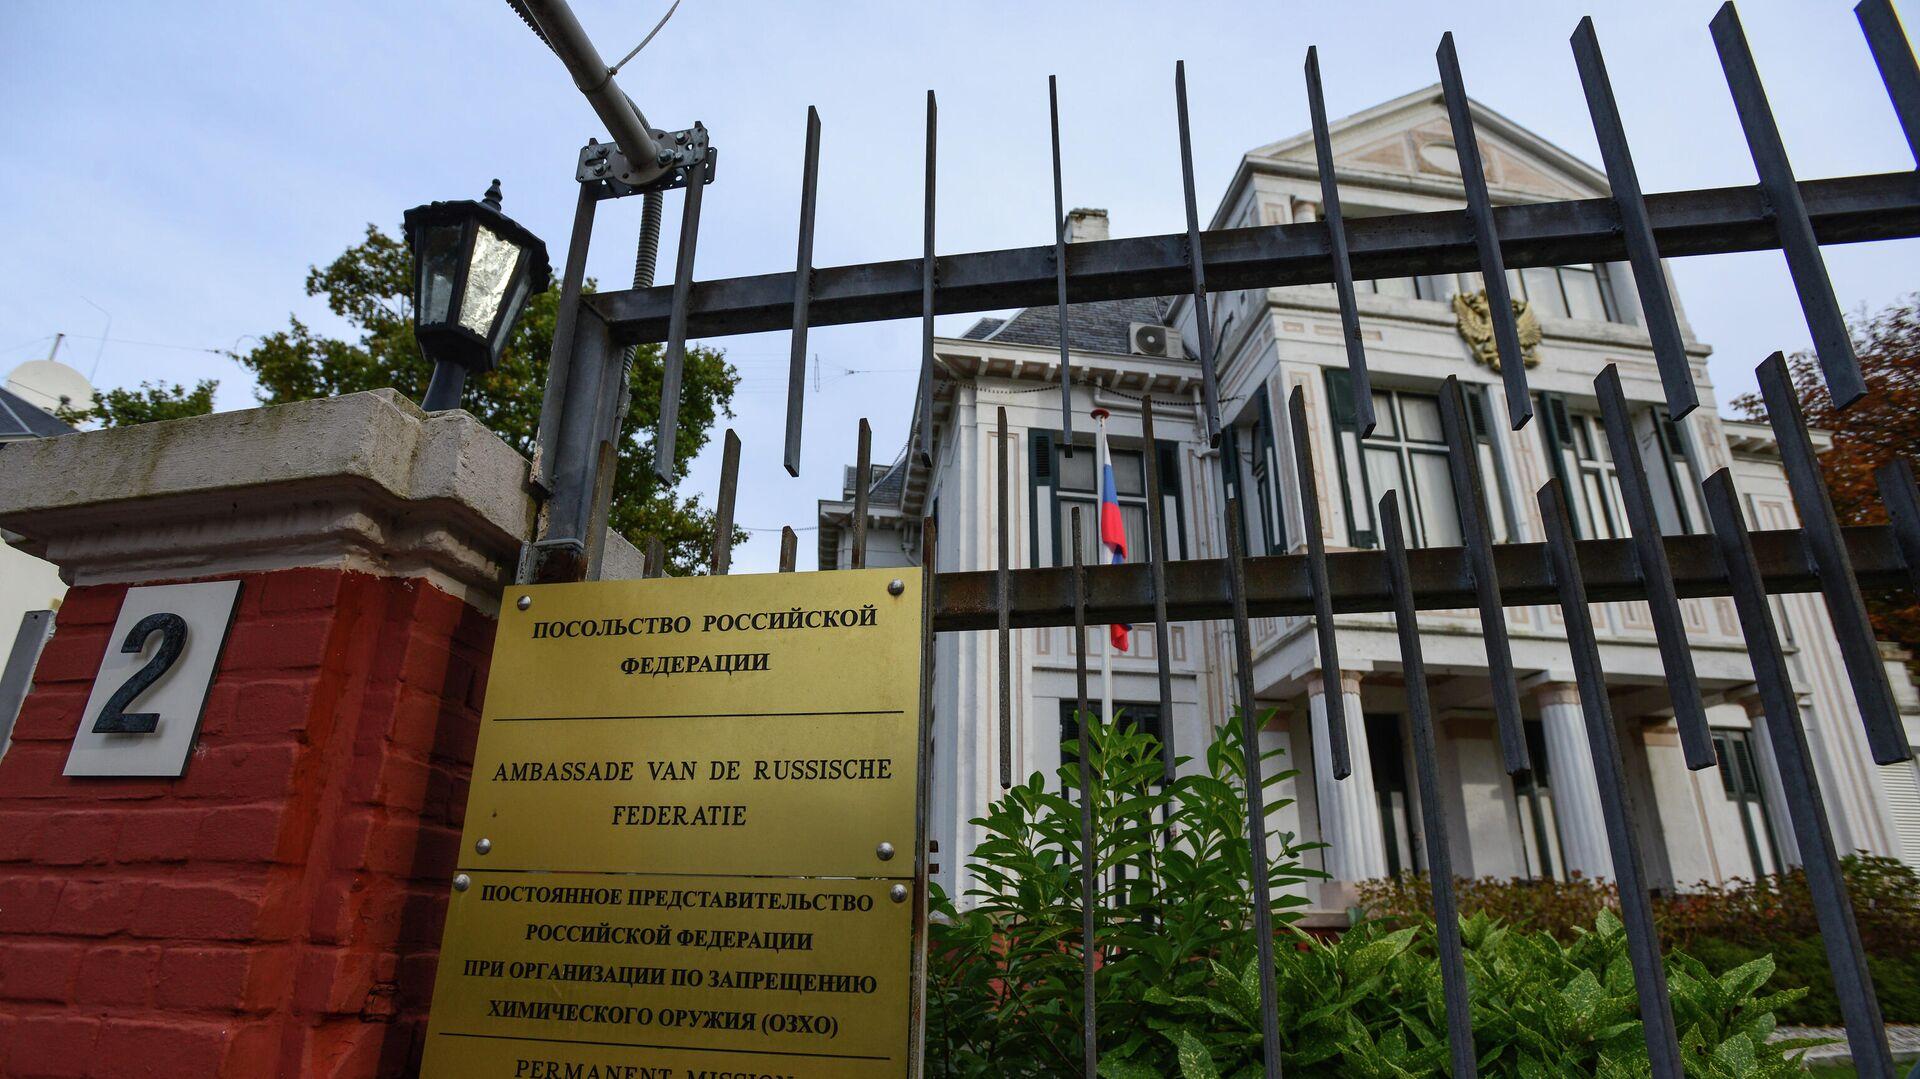 Вид на здание посольства РФ в Гааге - РИА Новости, 1920, 10.12.2020